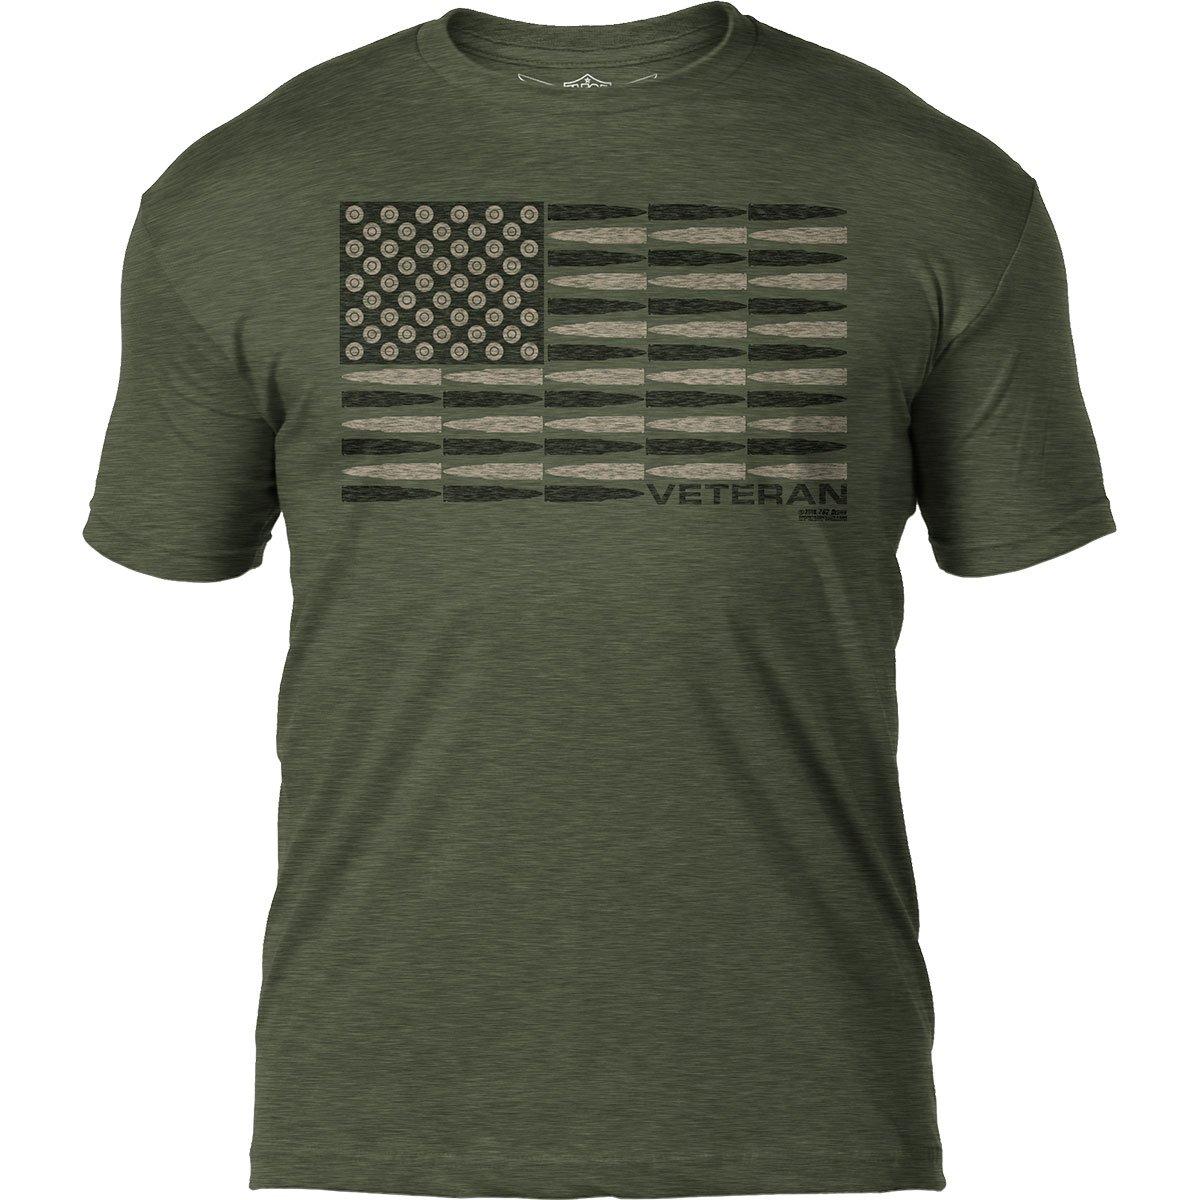 433e5464e222b2 Top1  7.62 Design Military Veteran  Tactical Flag  Patriotic Men s T Shirt